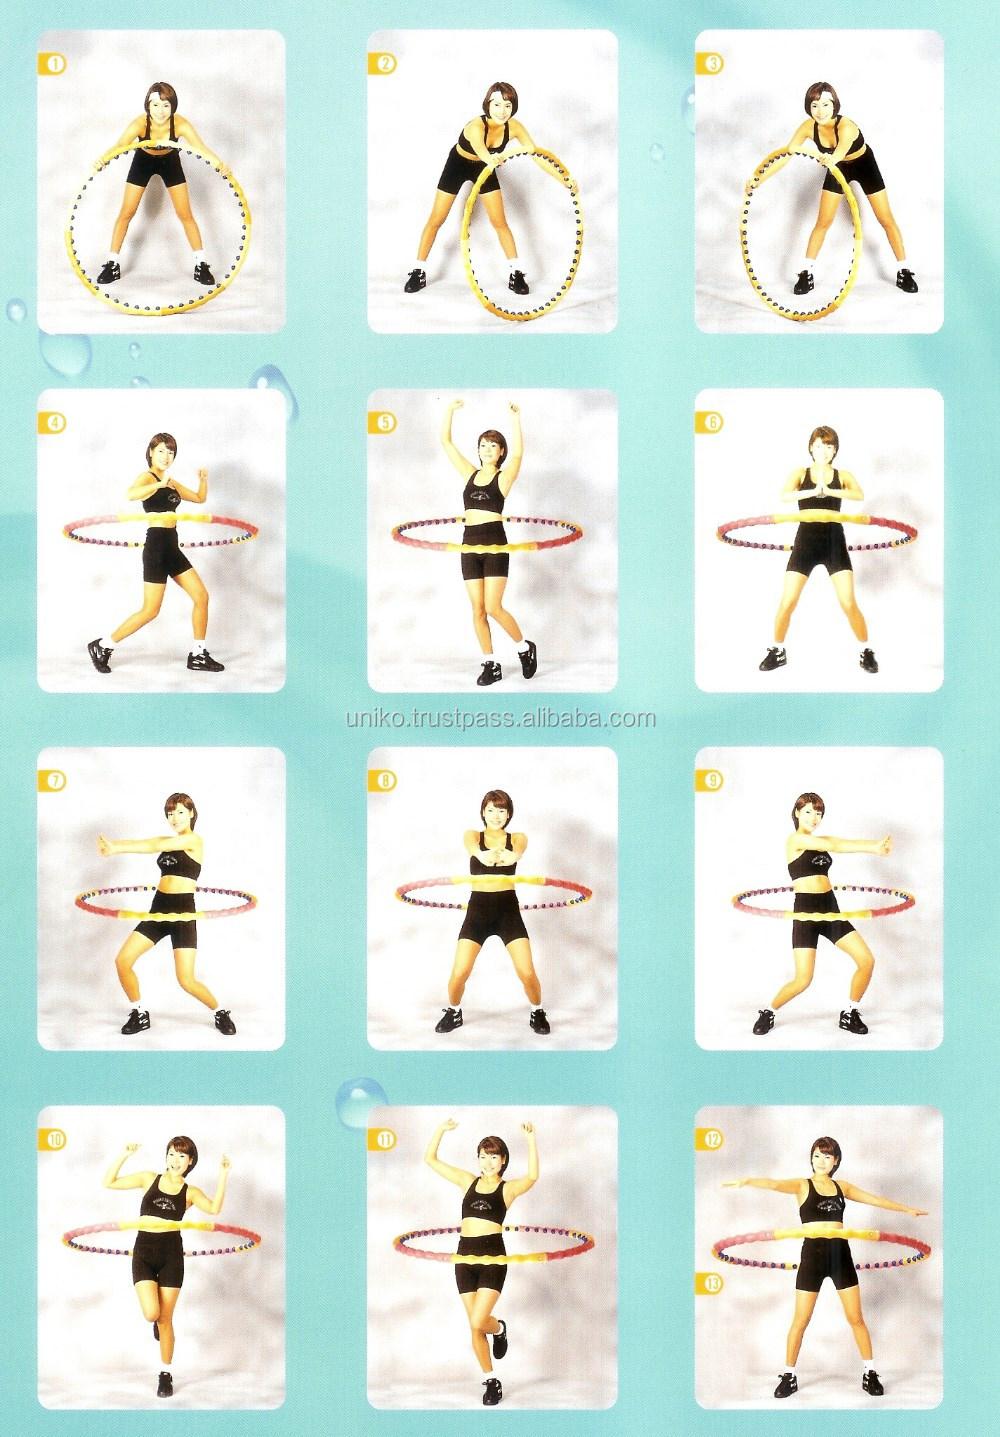 Tubuh Kebugaran Hula Hoop Slim Perut Latihan Pijat Kesehatan Untuk